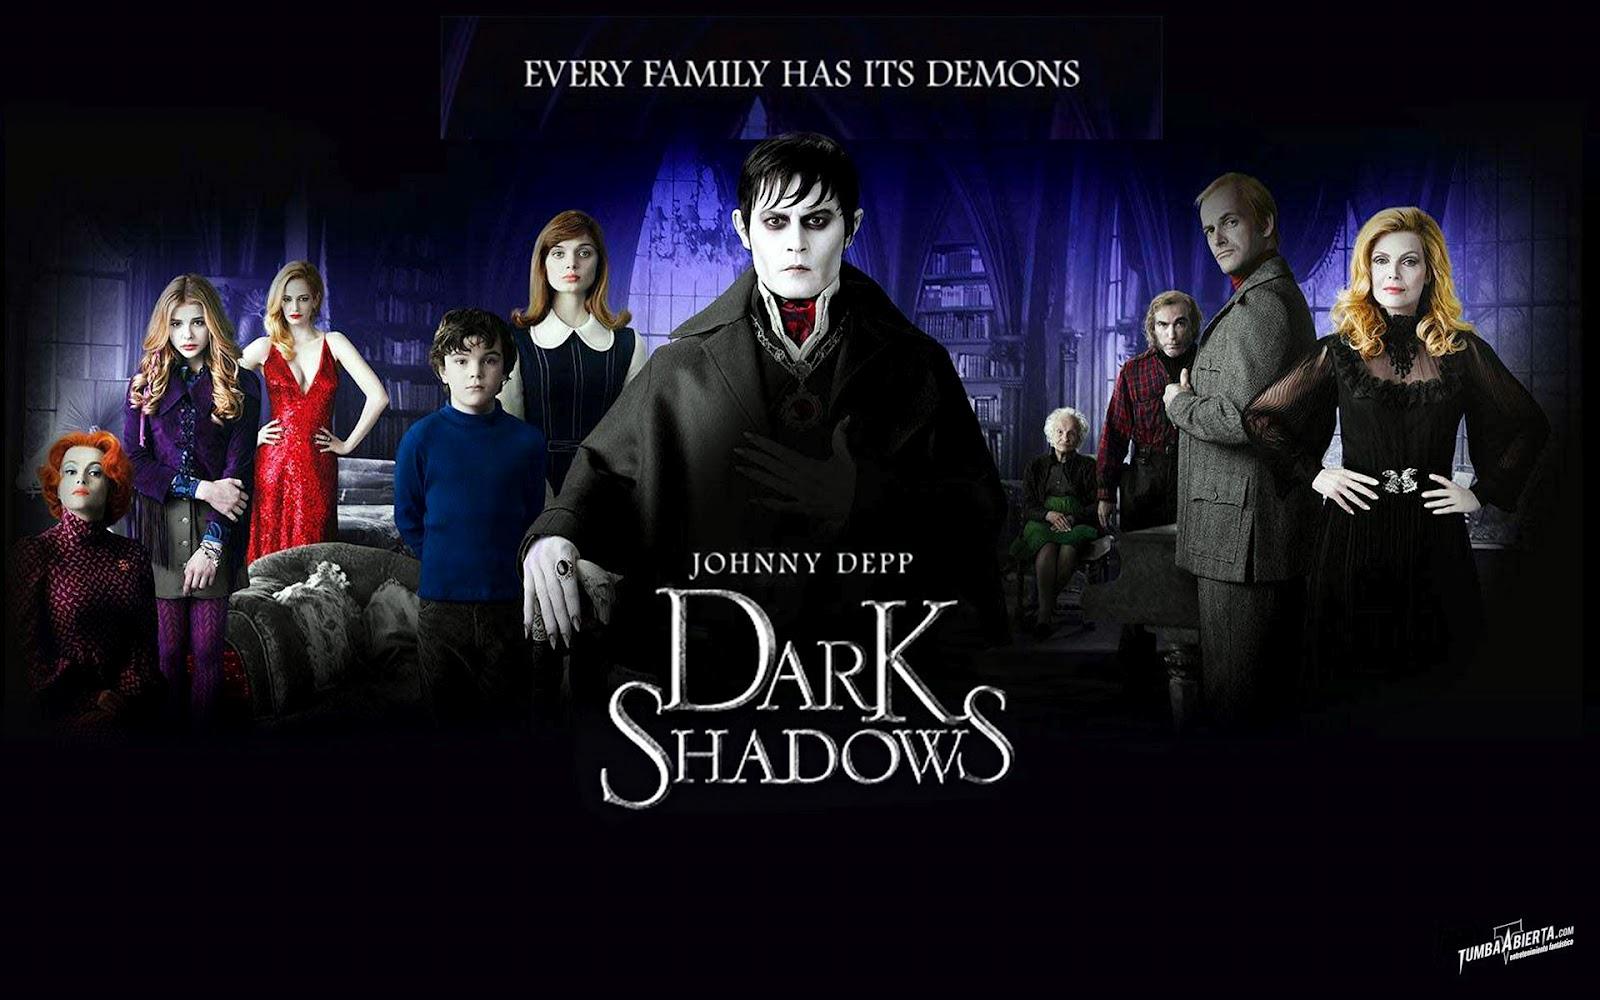 http://4.bp.blogspot.com/-eFx6pFsJusM/T8OdjBAcN8I/AAAAAAAAAIk/g667dnA7OZc/s1600/wallpaper_HD_dark_shadows-1920x1200_tim-burton.jpg